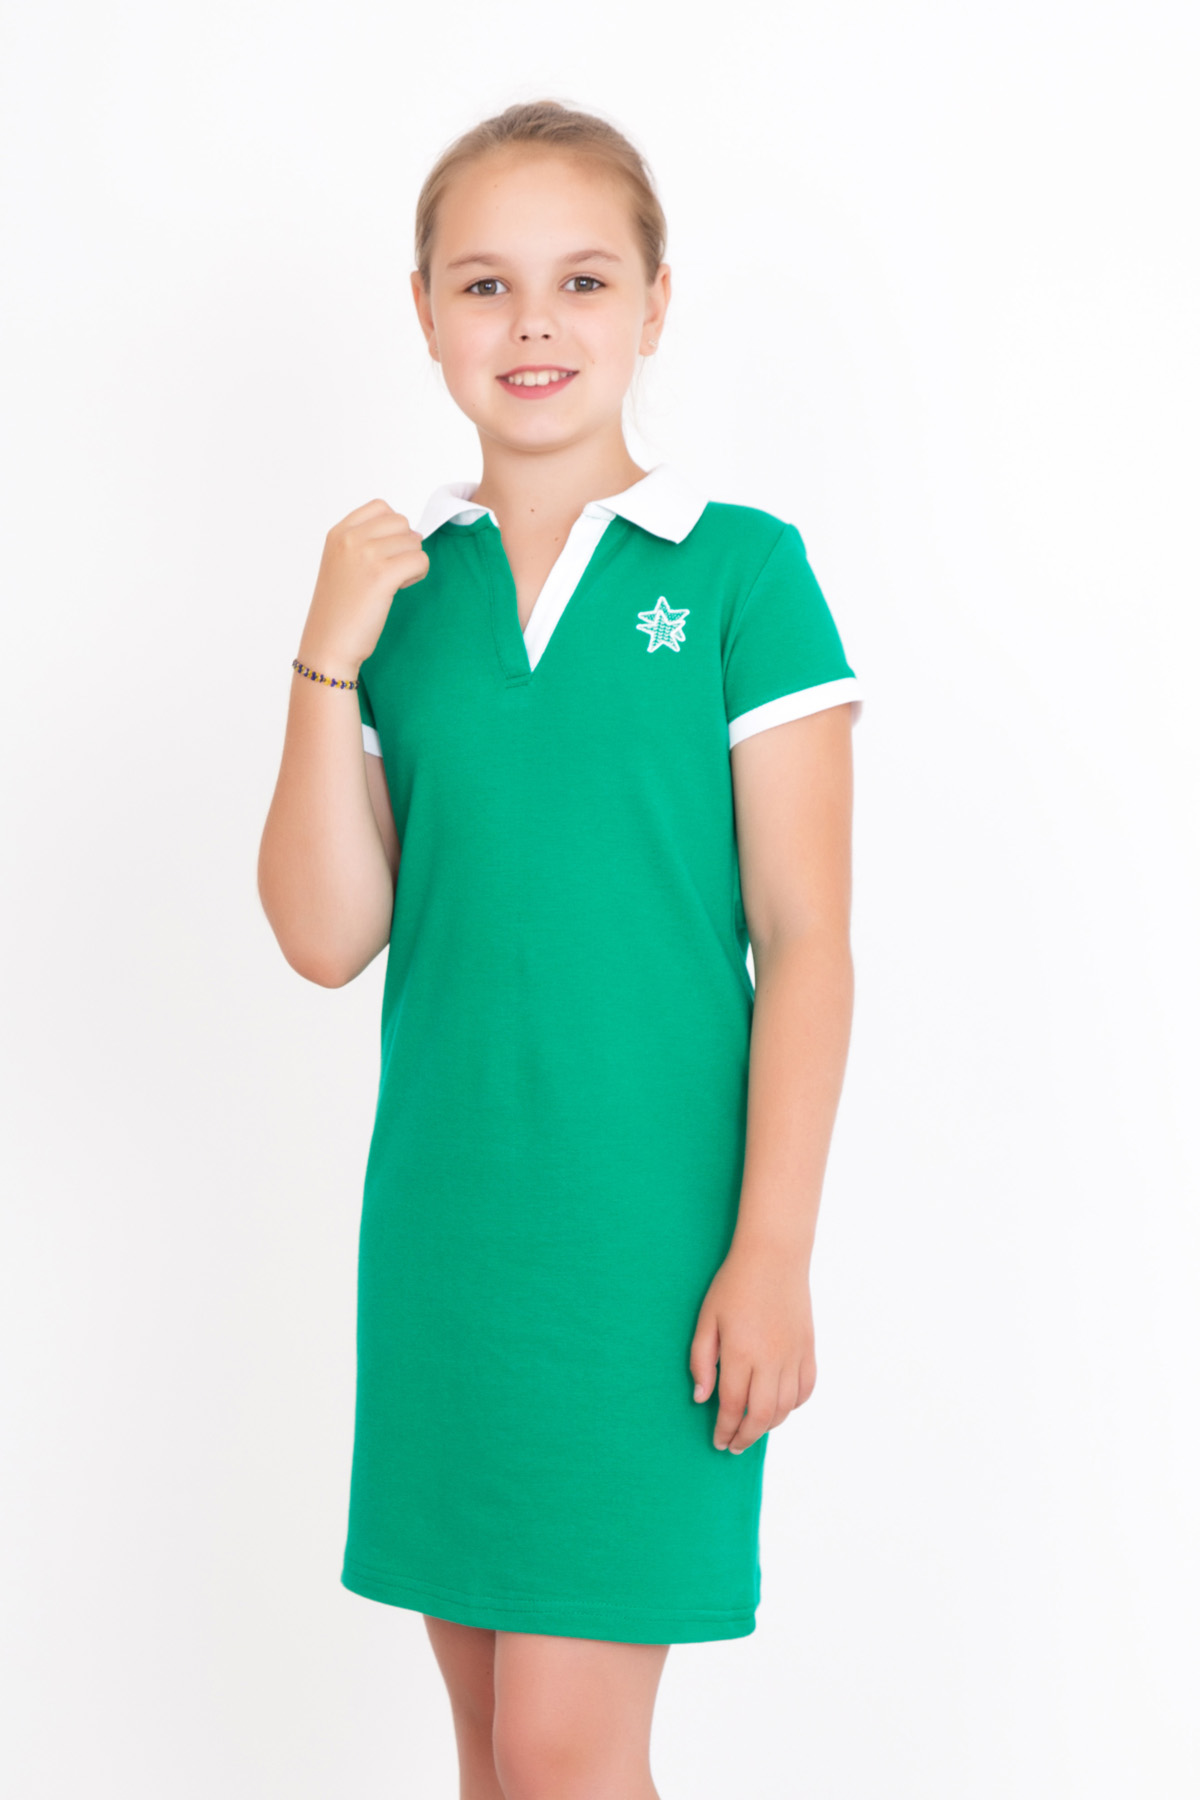 Дет. платье арт. 18-0126 Зеленый р. 32Платья и сарафаны<br><br><br>Тип: Дет. платье<br>Размер: 32<br>Материал: Пике